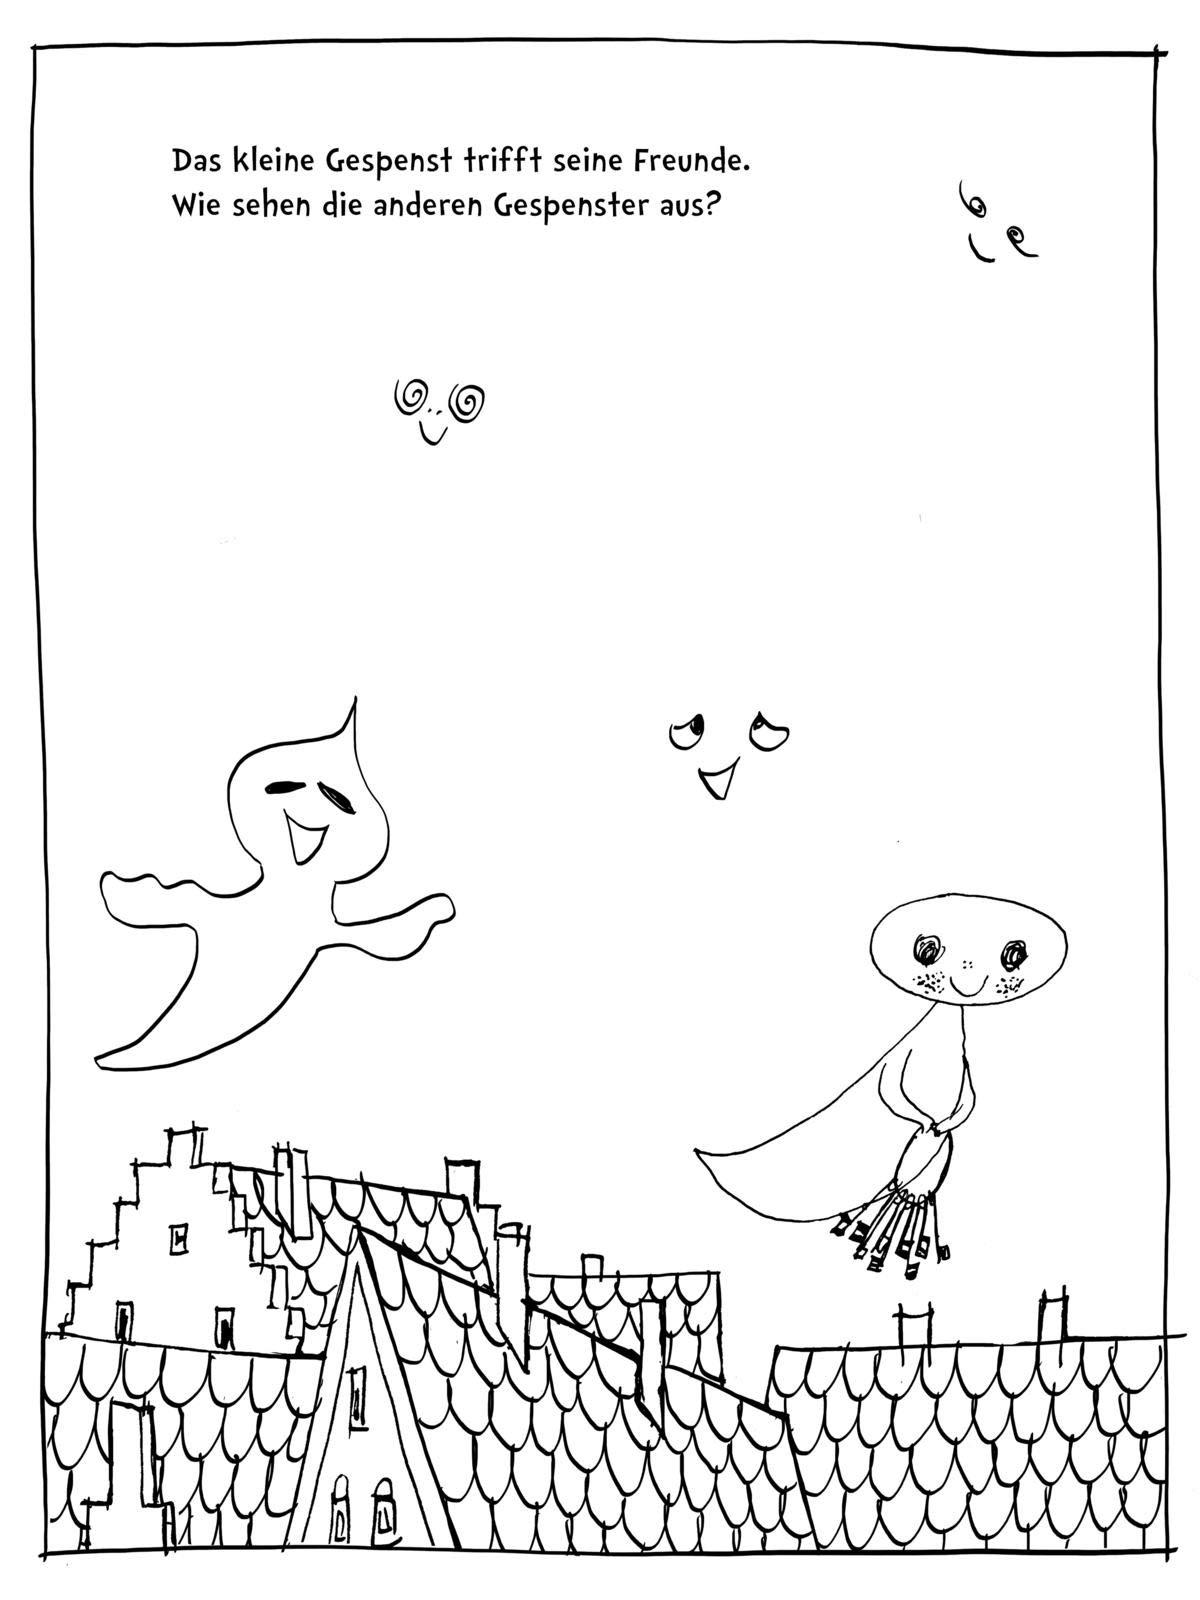 Das Kleine Gespenst Ausmalen Weitermalen Selber Malen Malspass Auf Burg Eulenstein Das Kreative Malbuch Zum Kinderbuch Klassiker Von Otfried Preussler Amazon De Preussler Prof Otfried Weber Mathias Tripp F J Bucher